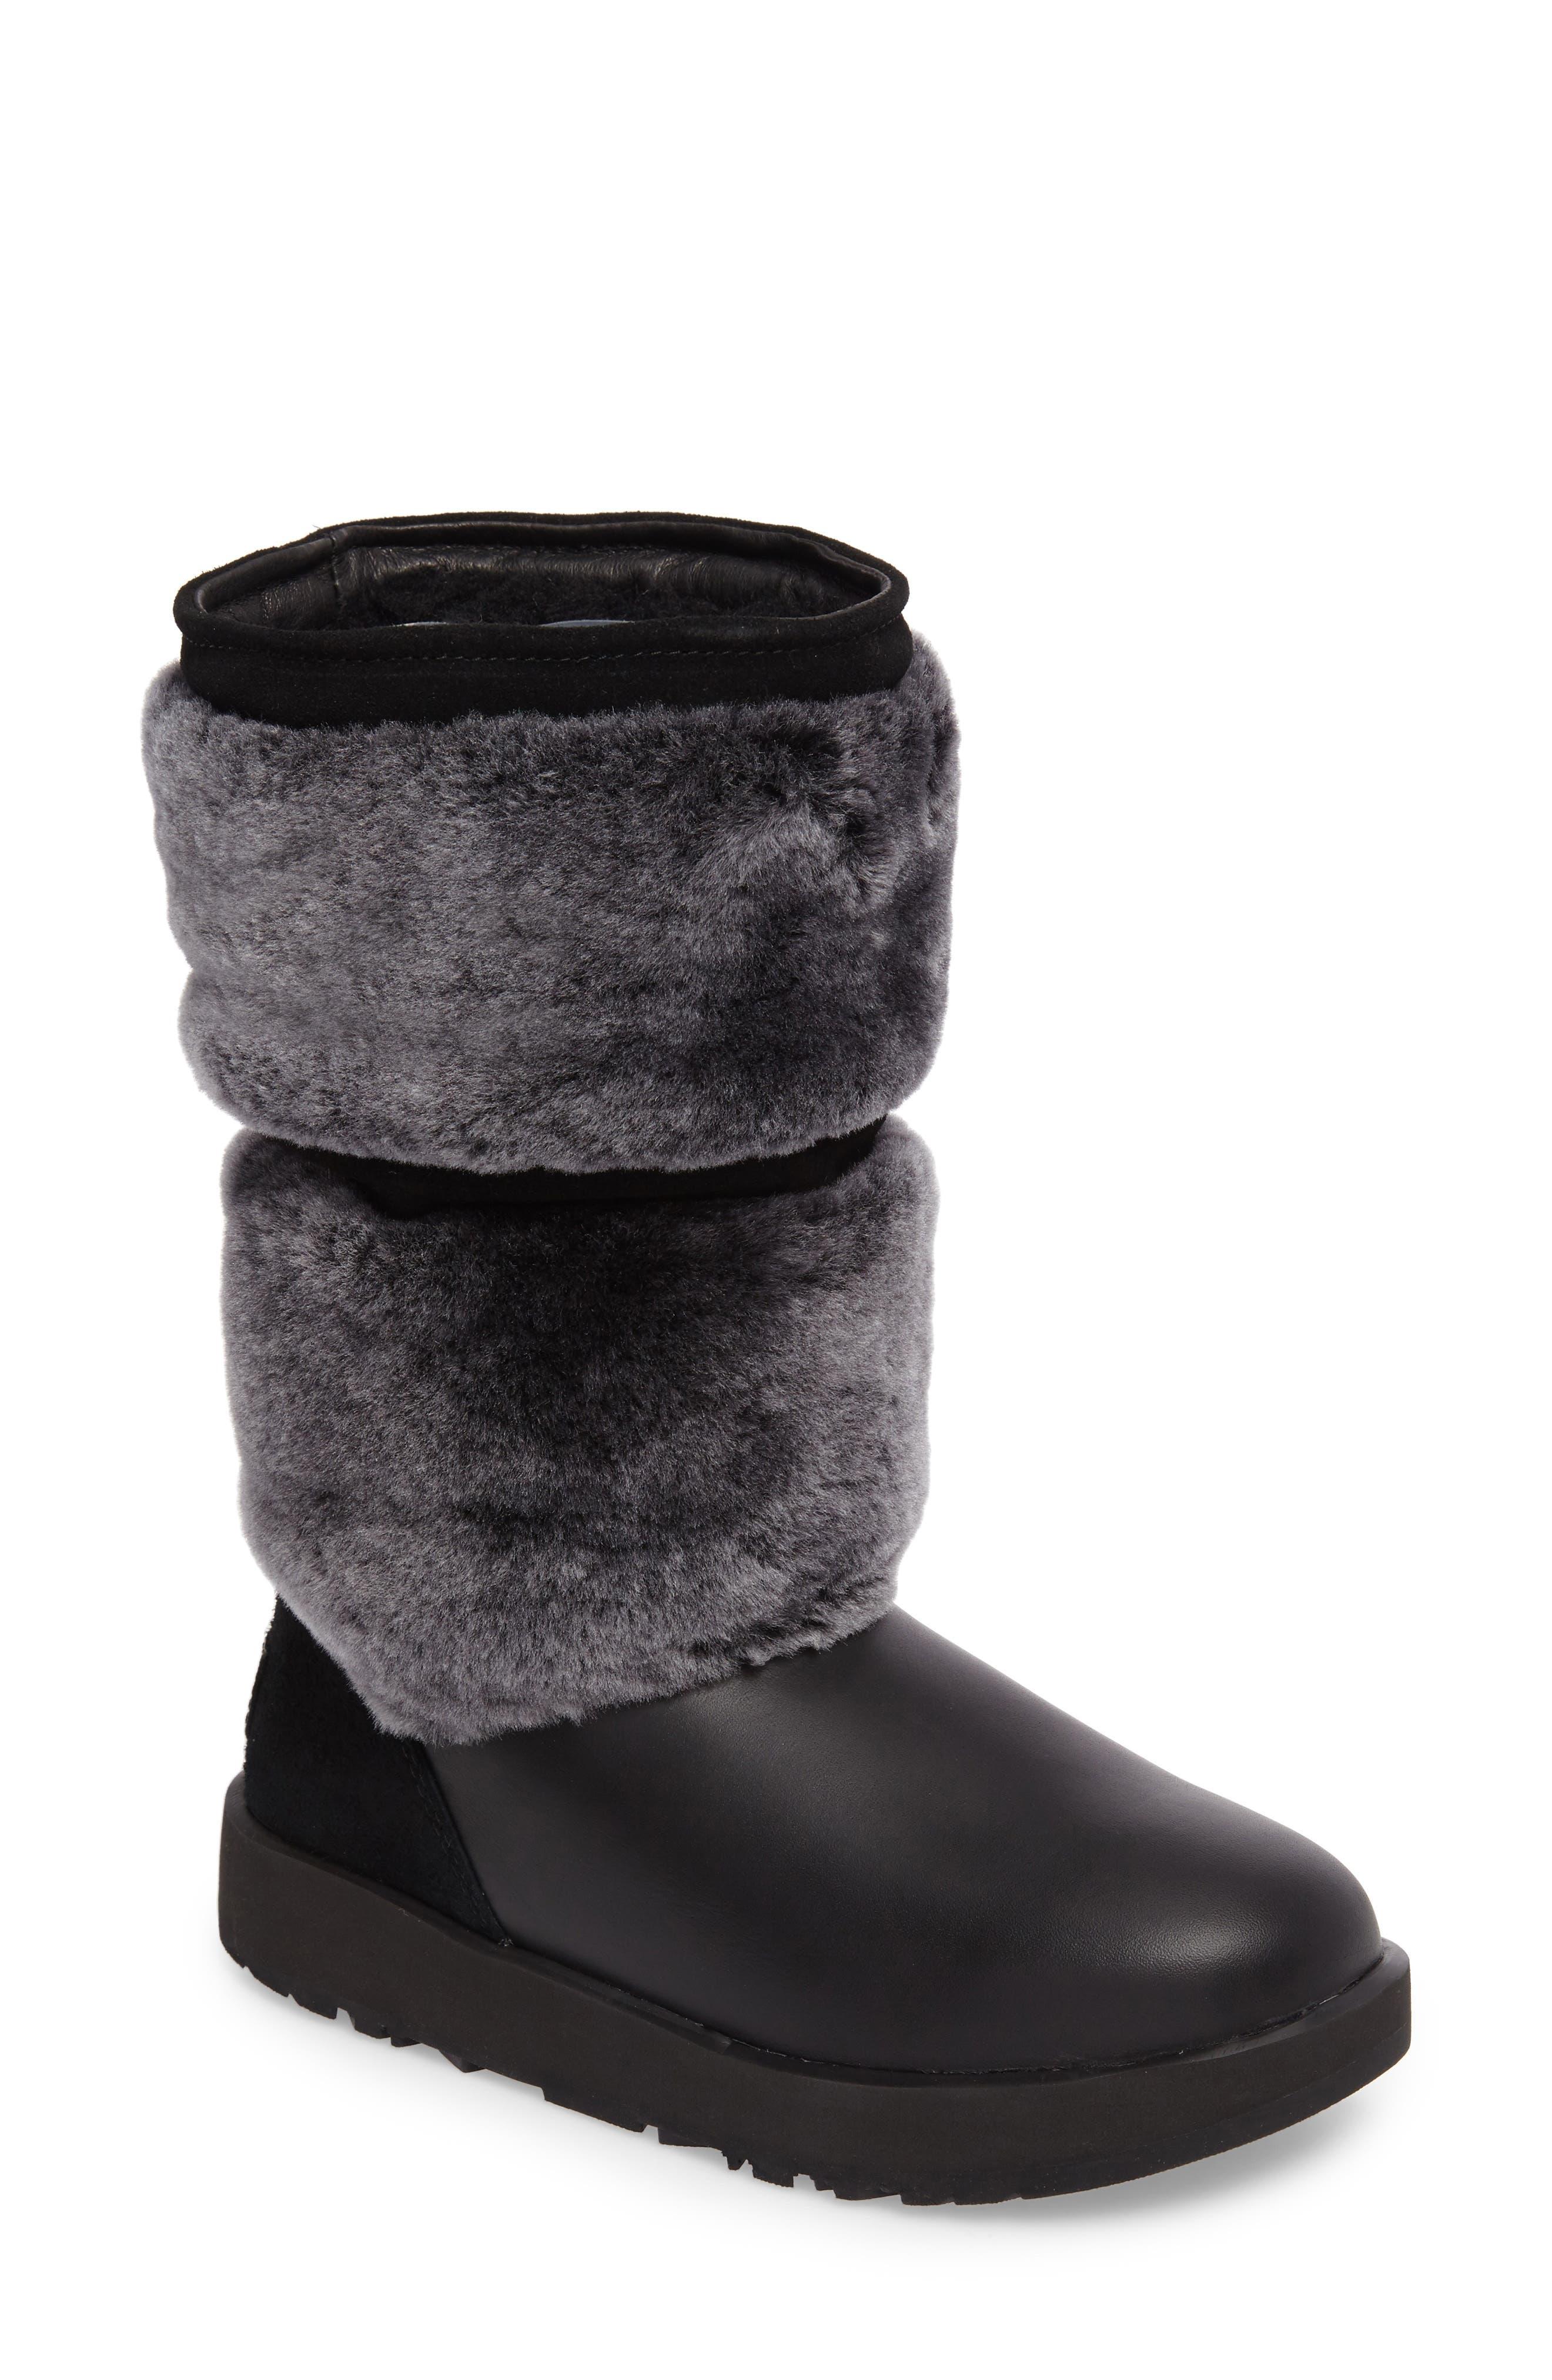 Reykir Waterproof Snow Boot,                         Main,                         color,